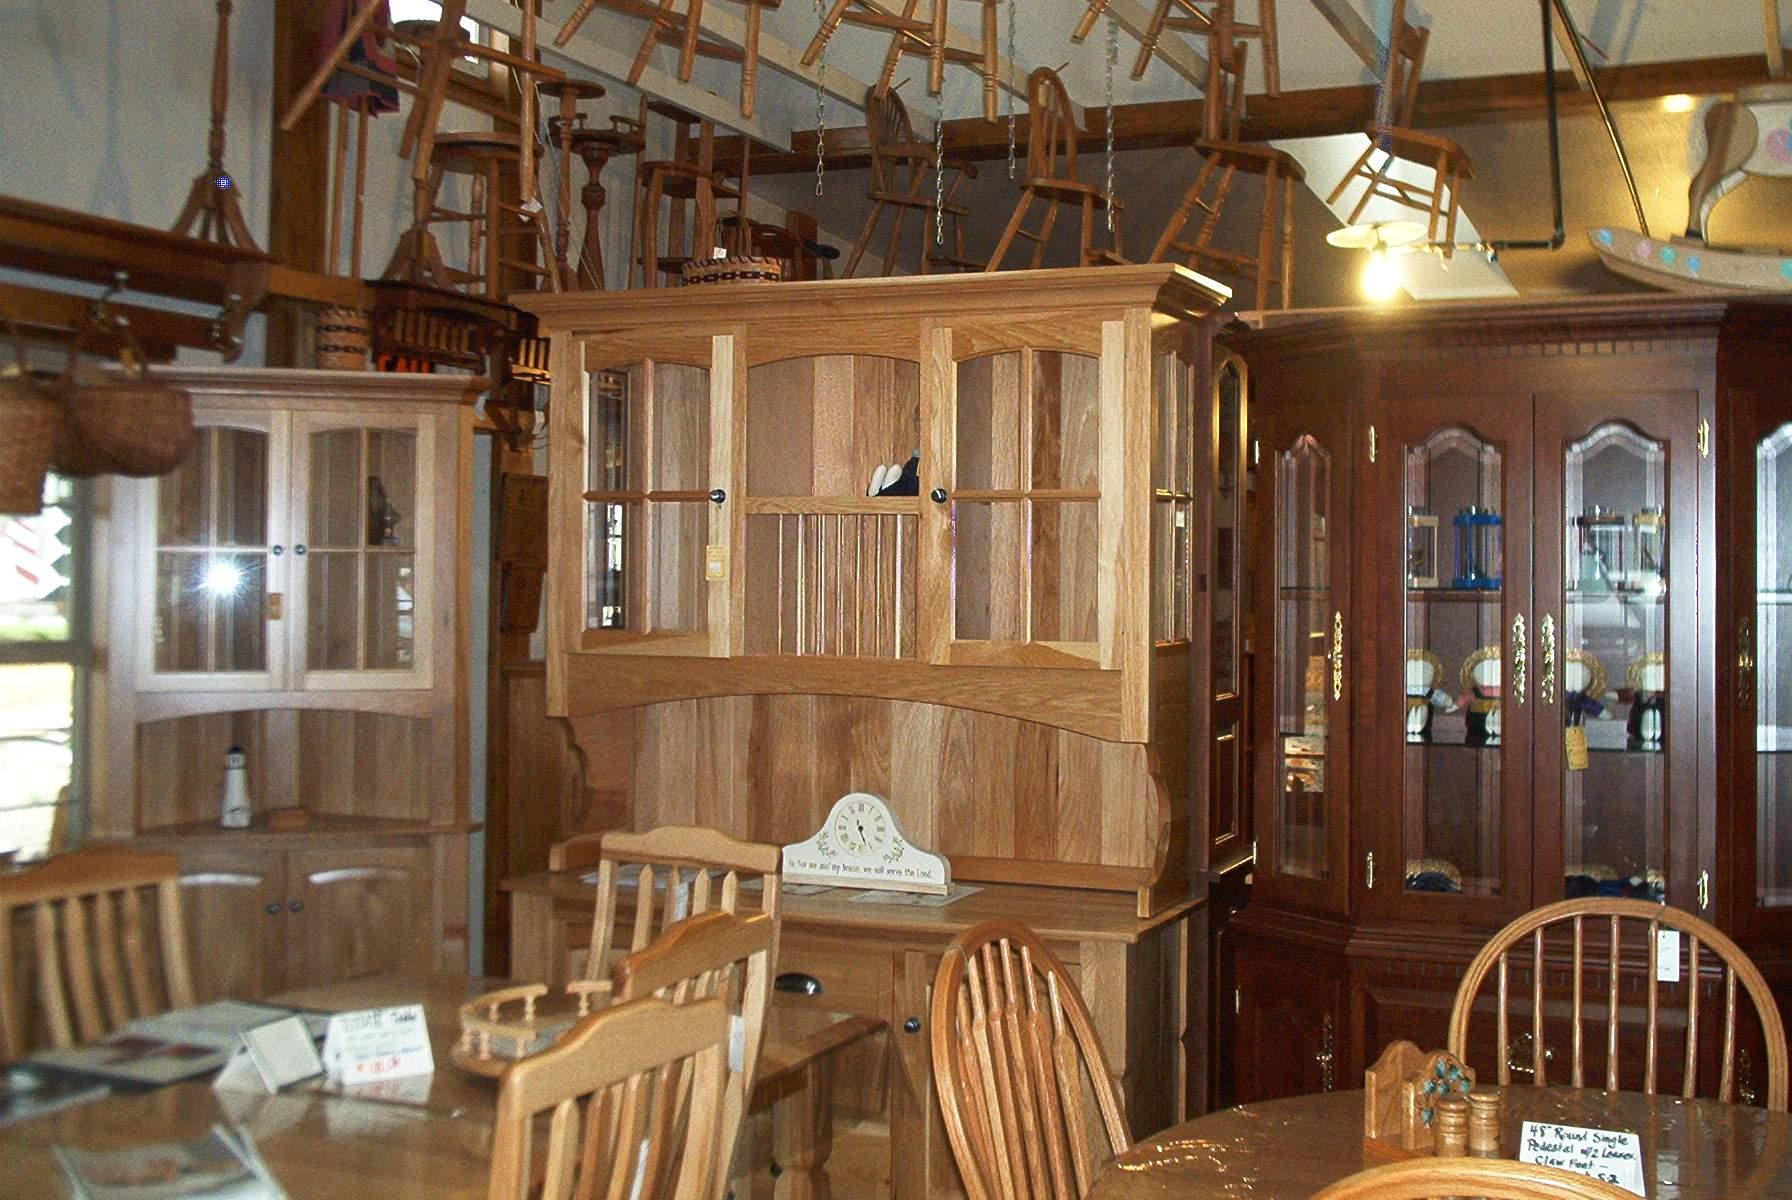 Ohio Amish Bakery And Ohio Amish Wood Furniture At